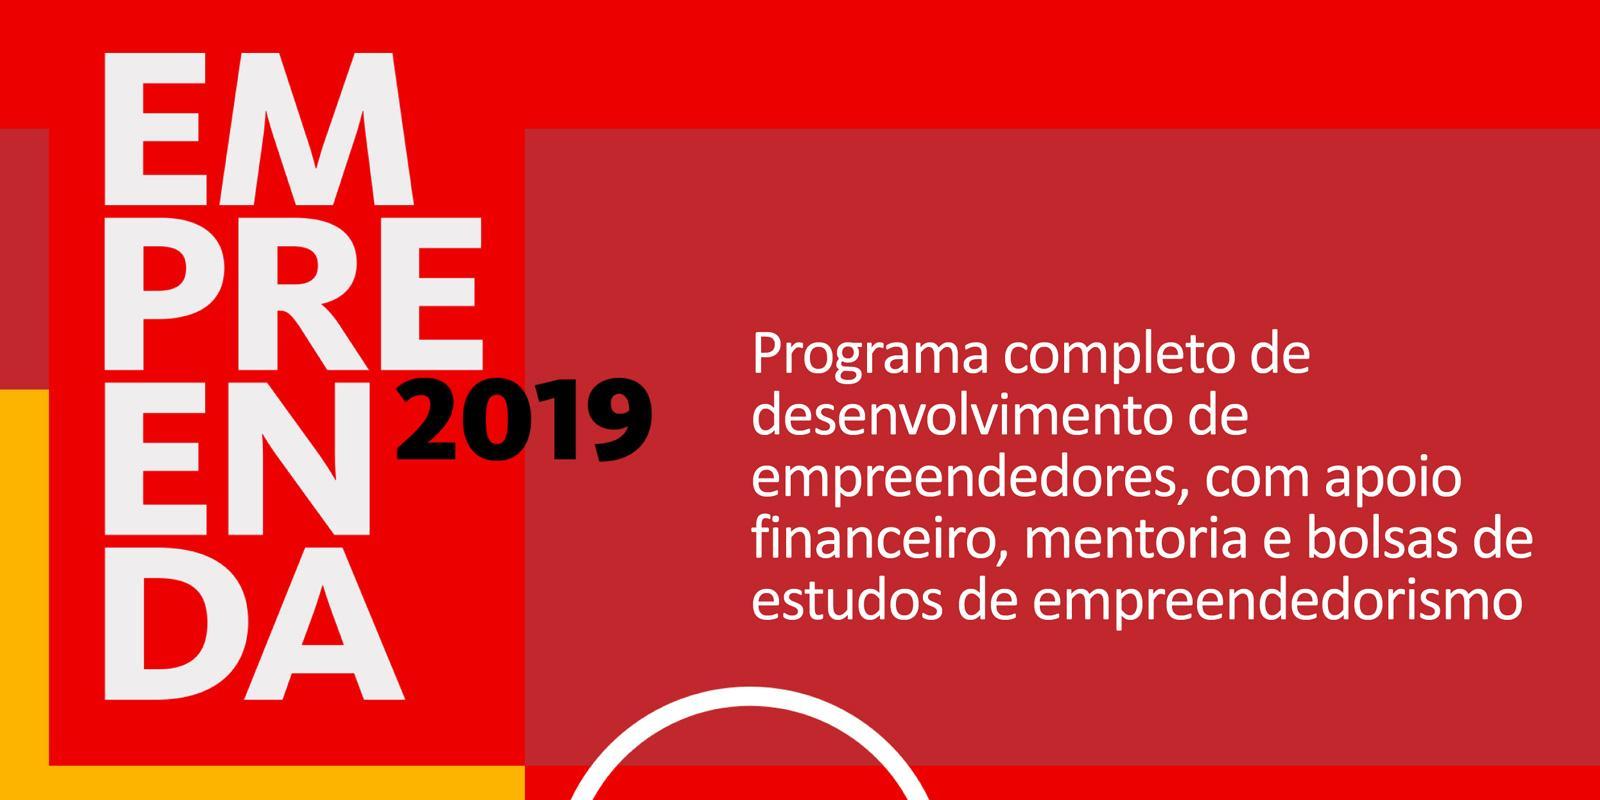 Programa Empreenda Santander 2019 - Estudantes de Graduação e Pós-graduação da UNIFAAT podem se inscrever